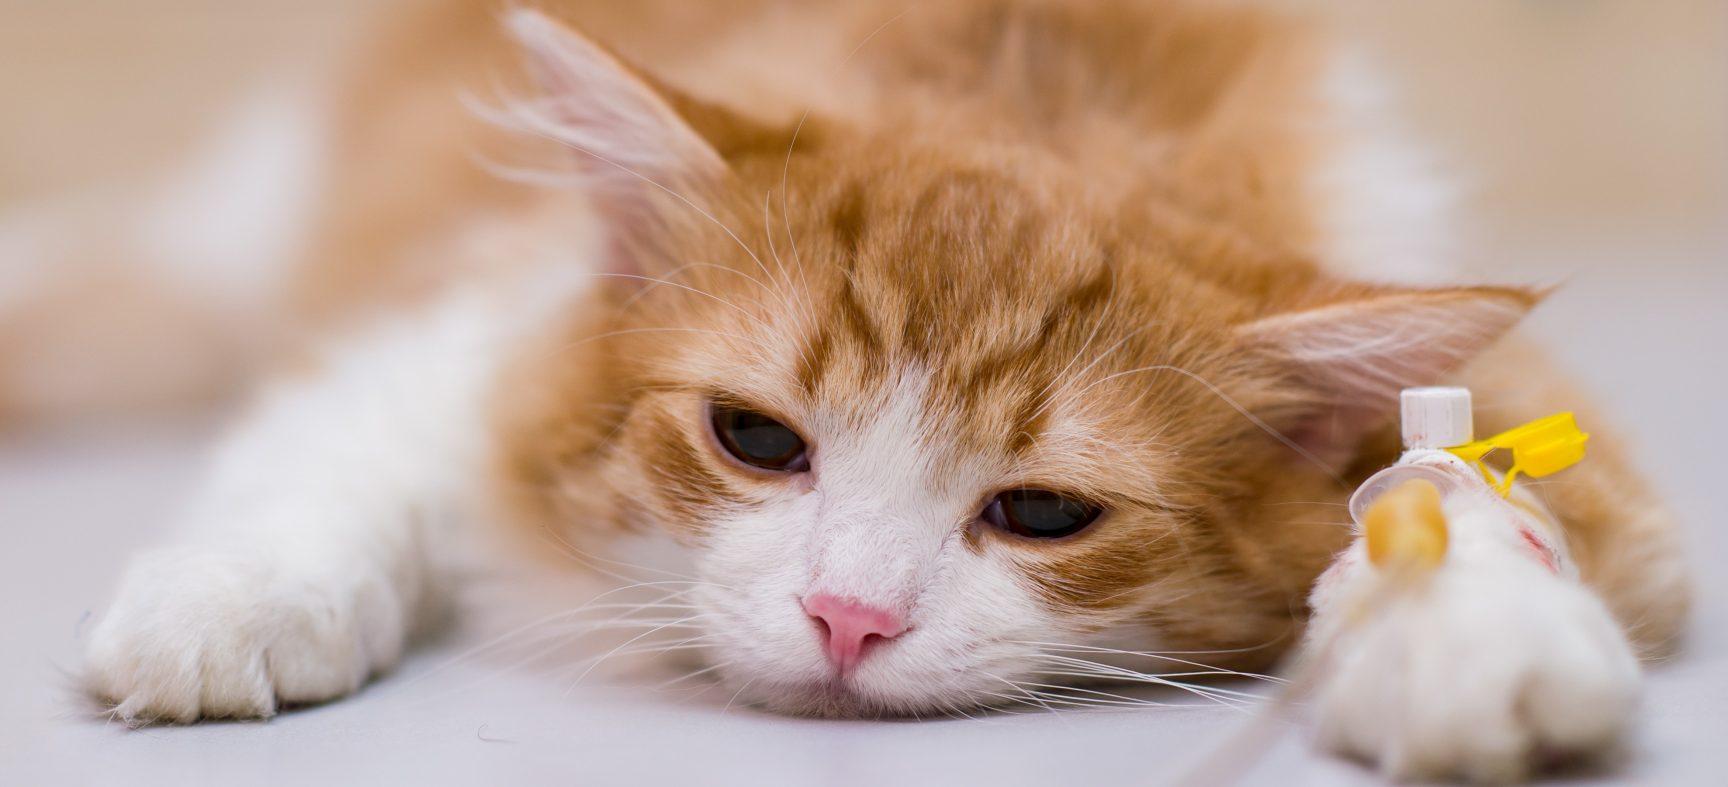 Vos souffrances psychologiques sont maintenant indemnisables en droit animalier  – CAPSULE DAQ N° 57